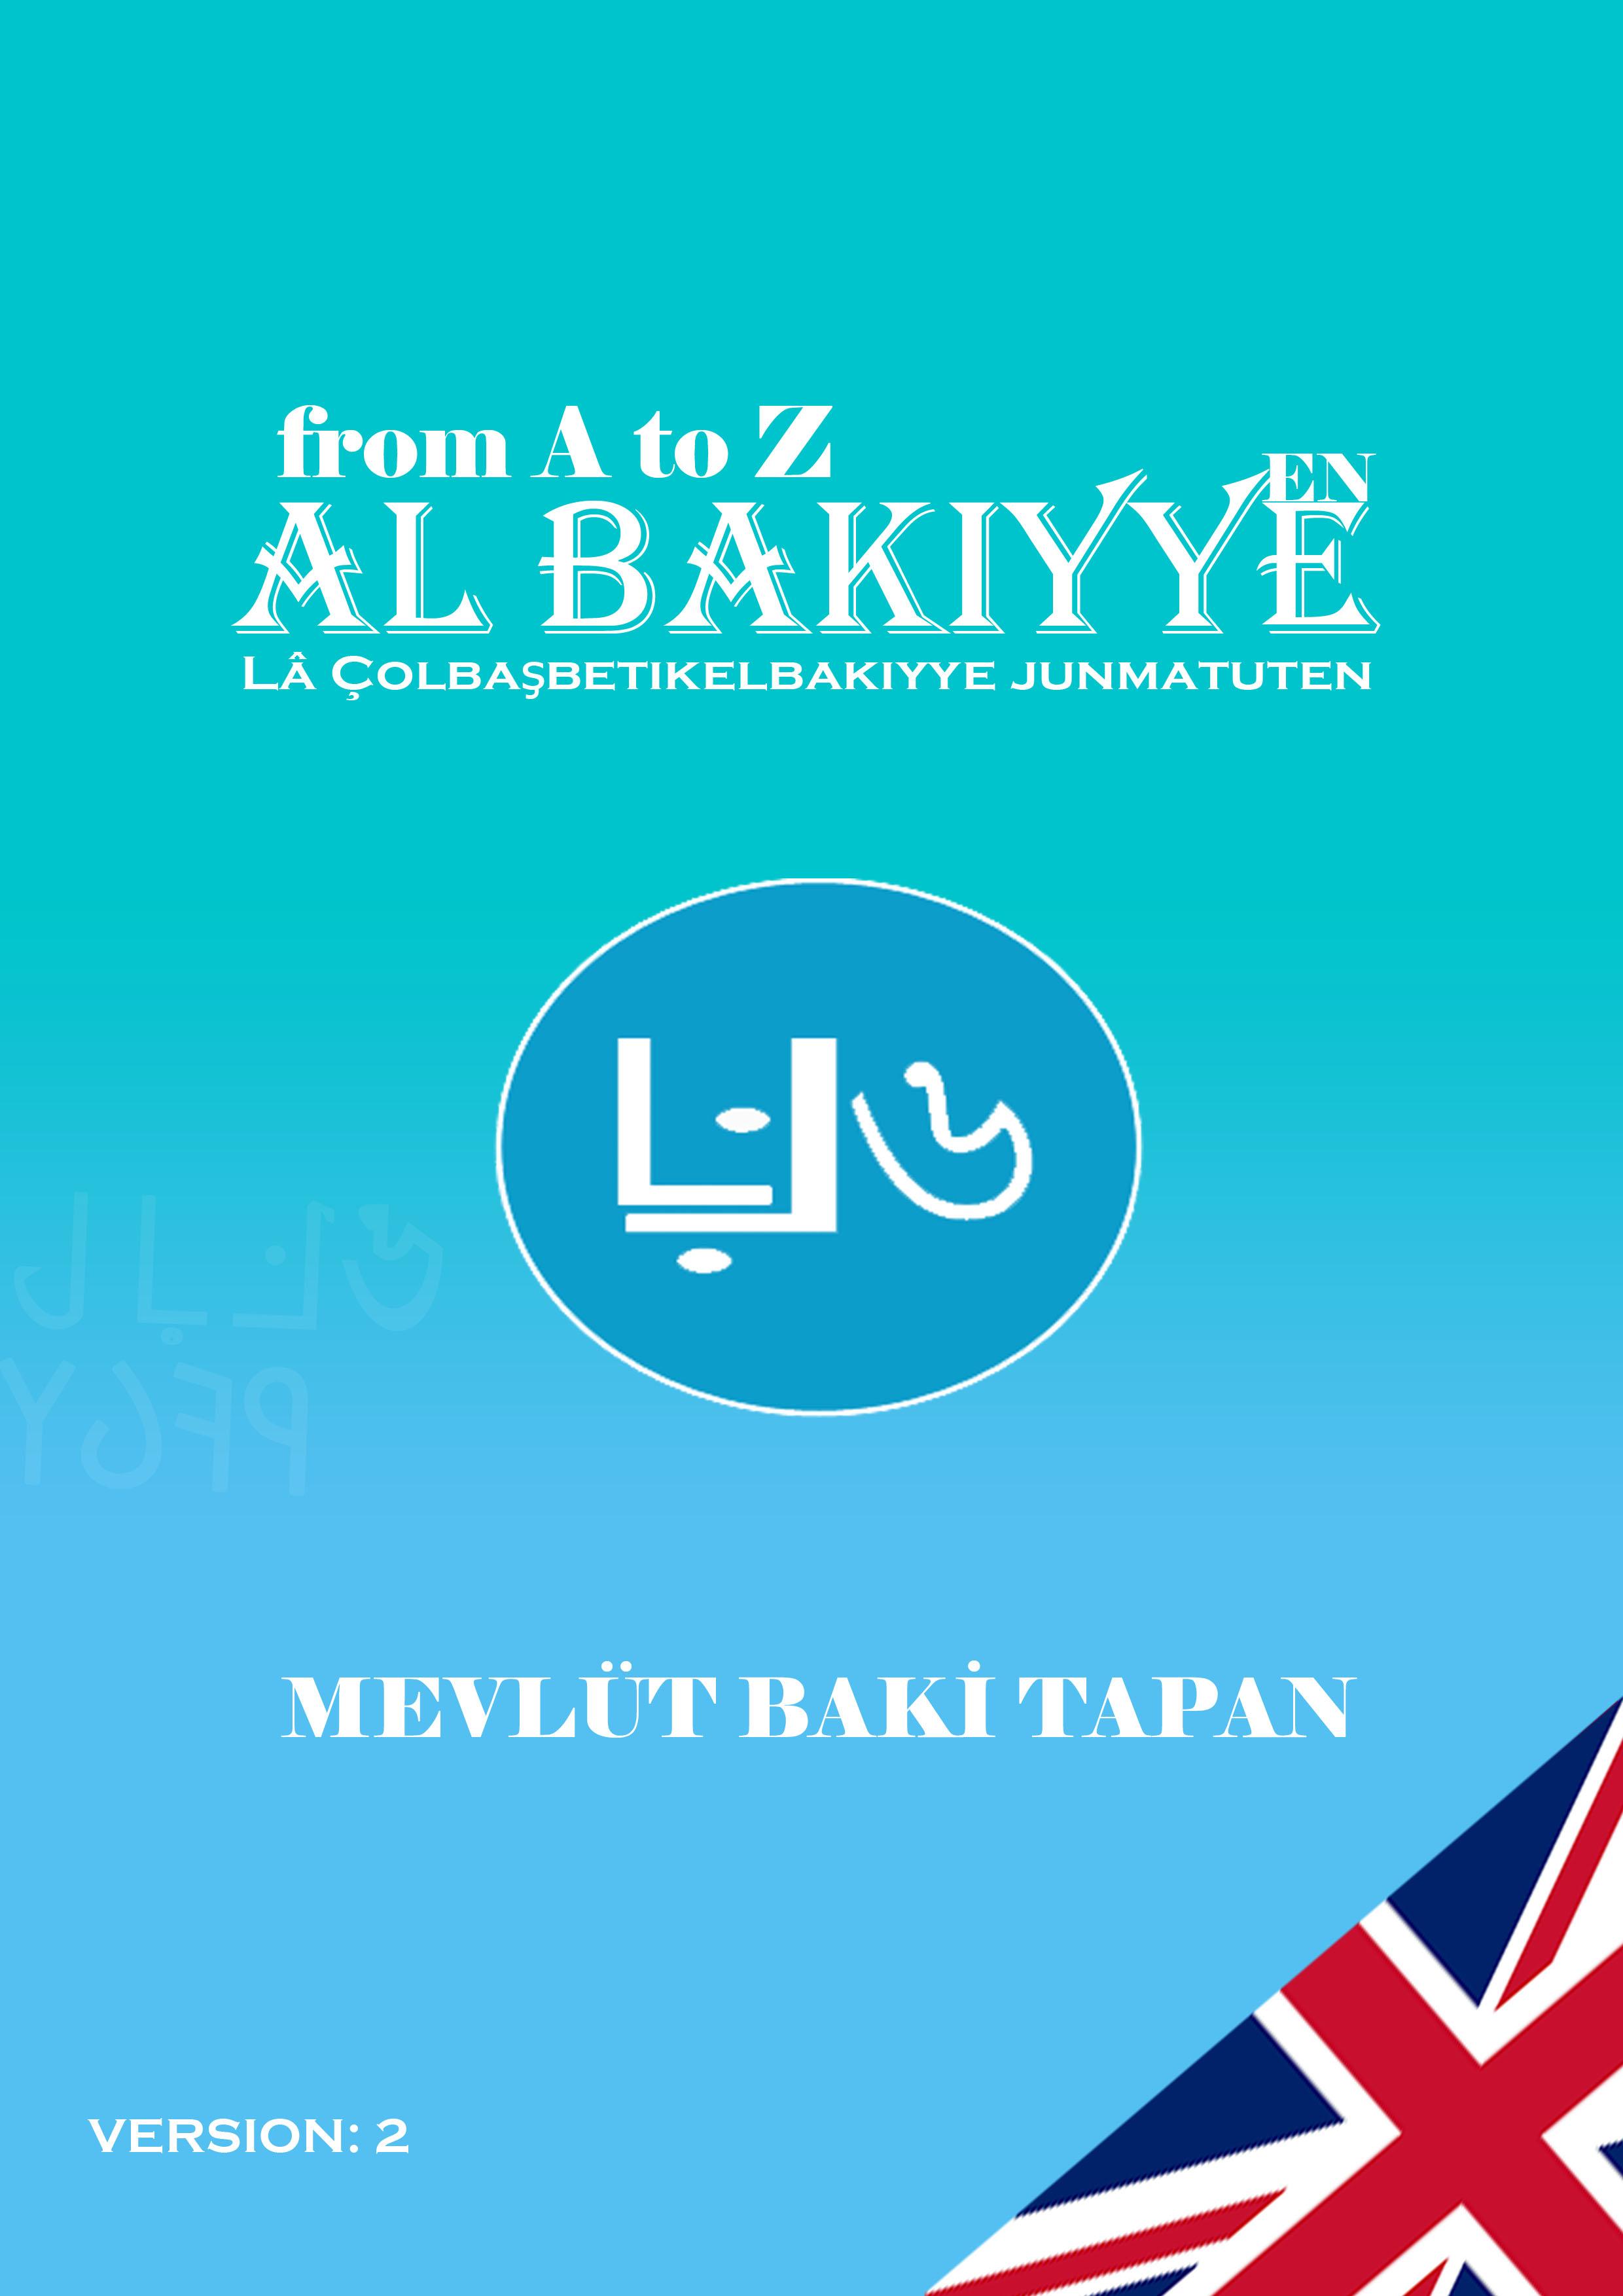 From A to Z Al Bakiyye